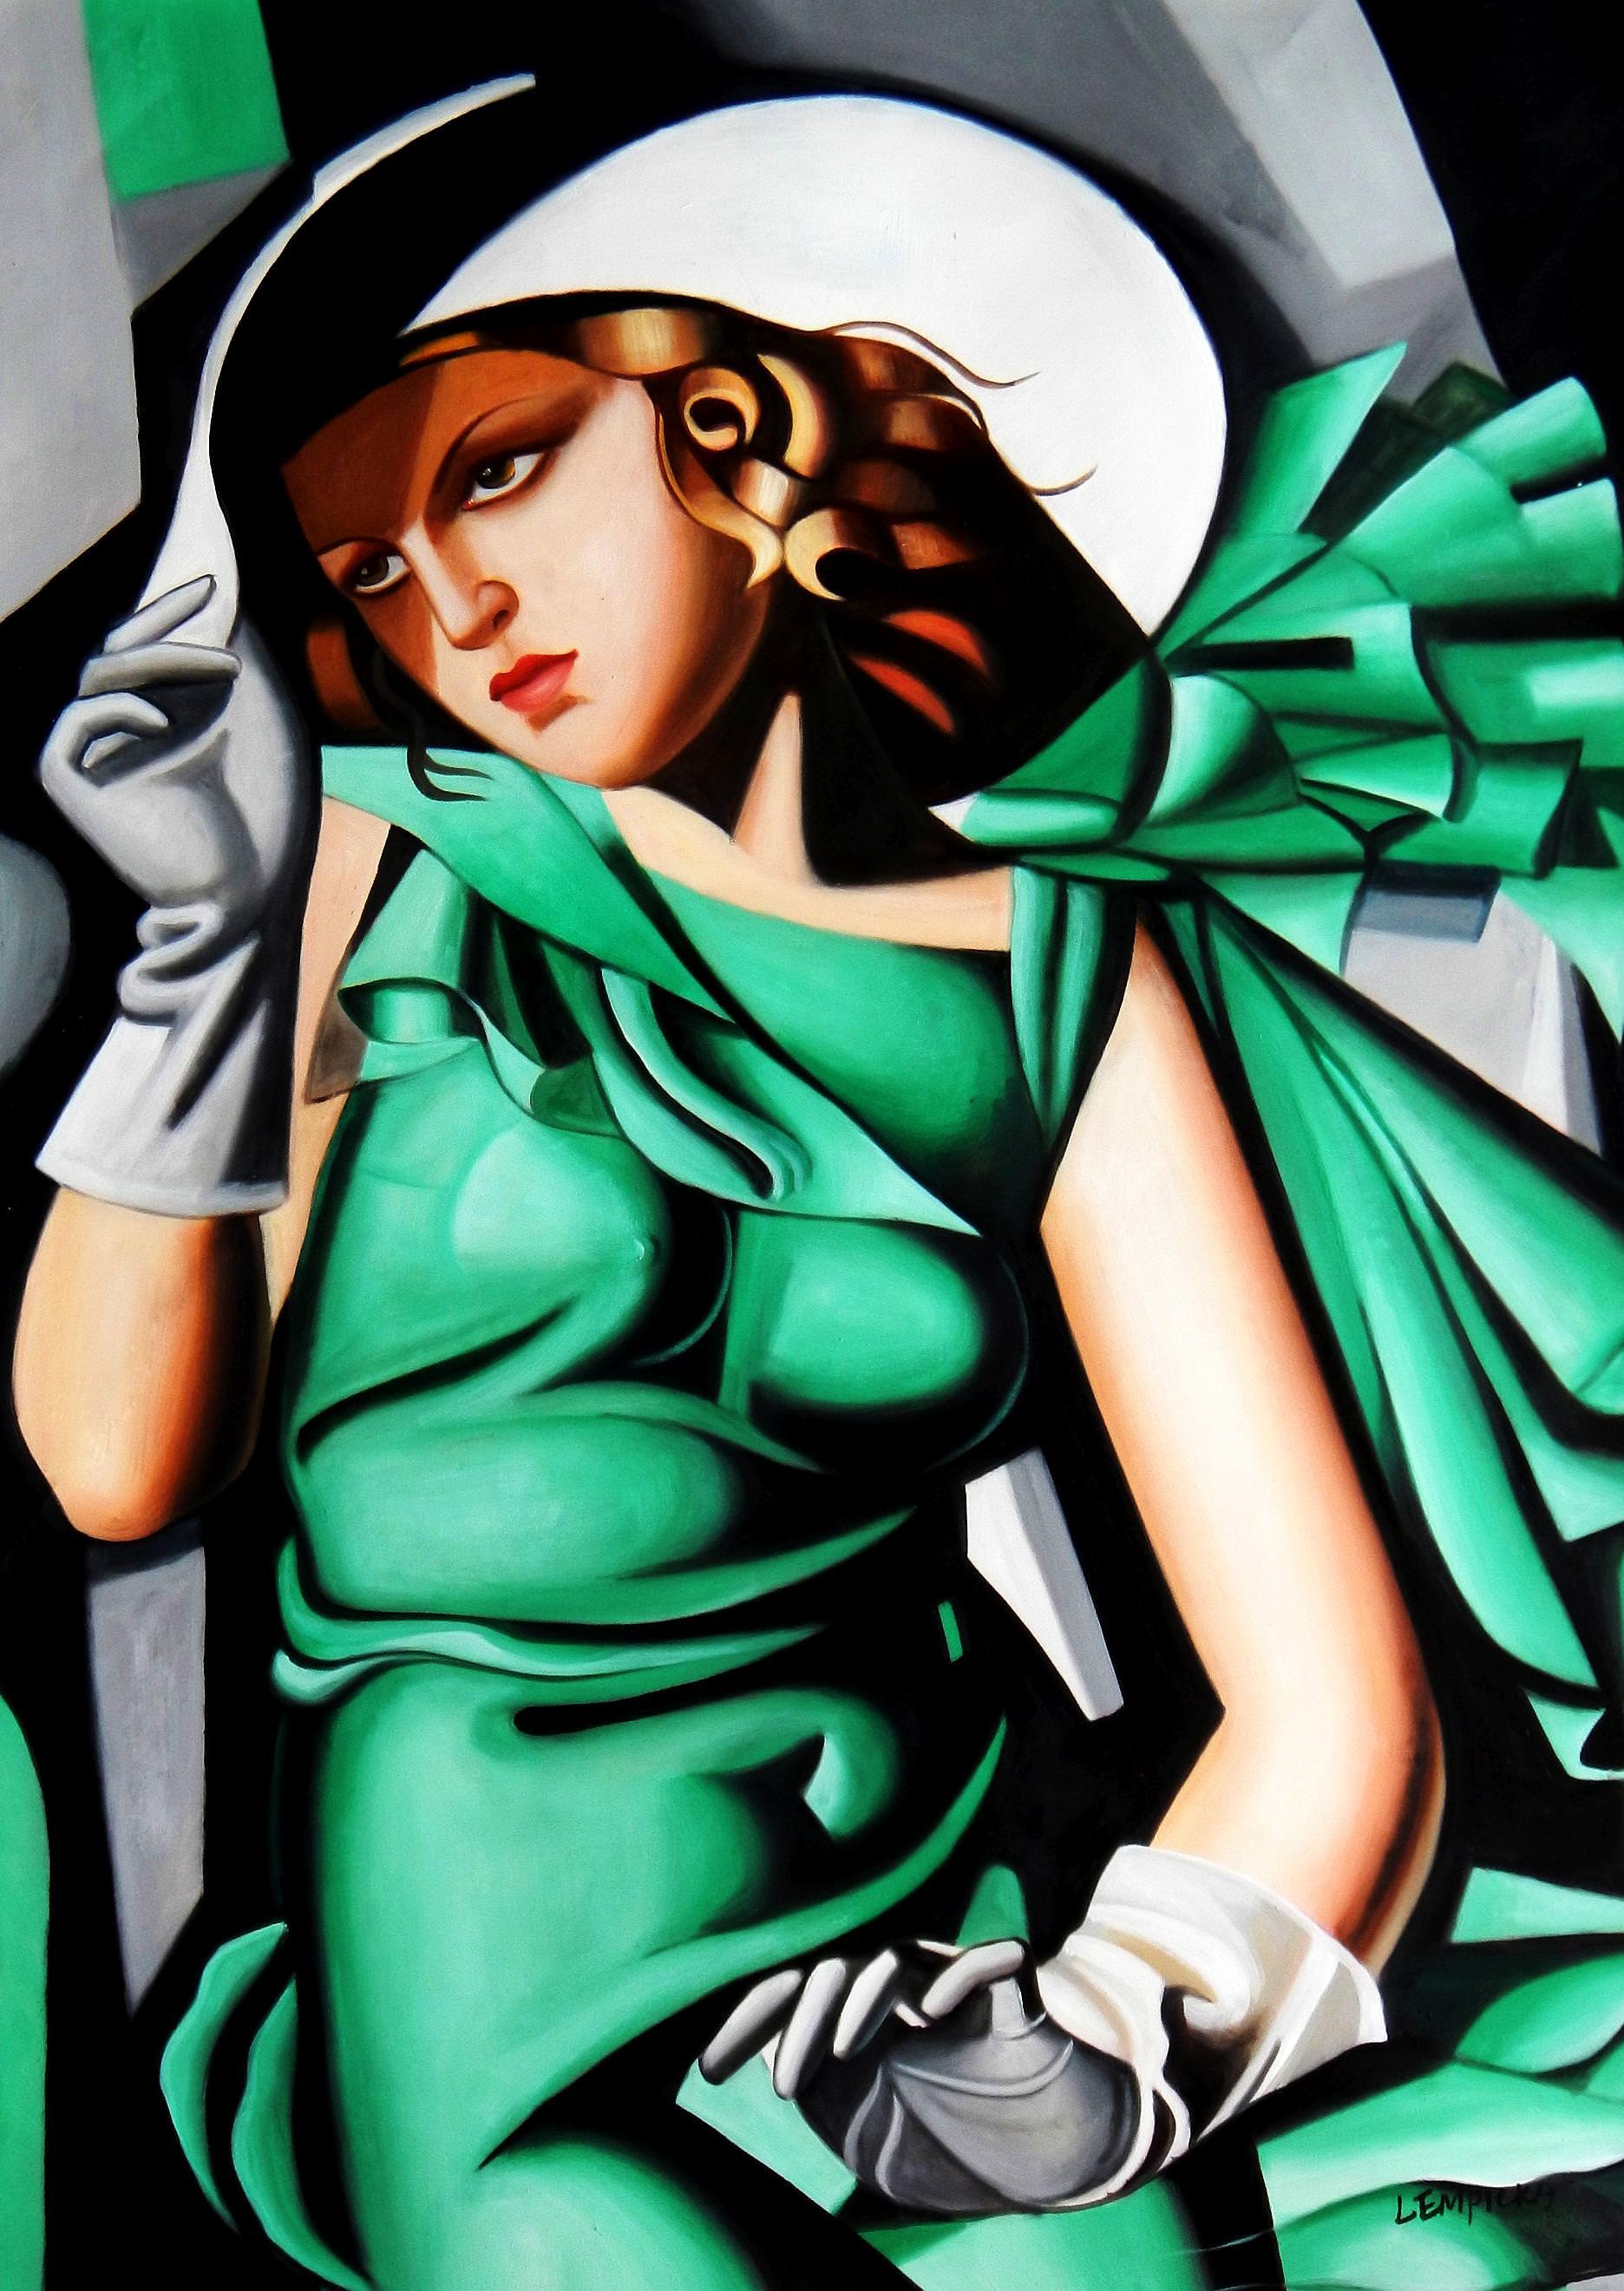 Homage to T. de Lempicka - Mädchen in Grün mit Handschuhen i92957 80x110cm Ölbild